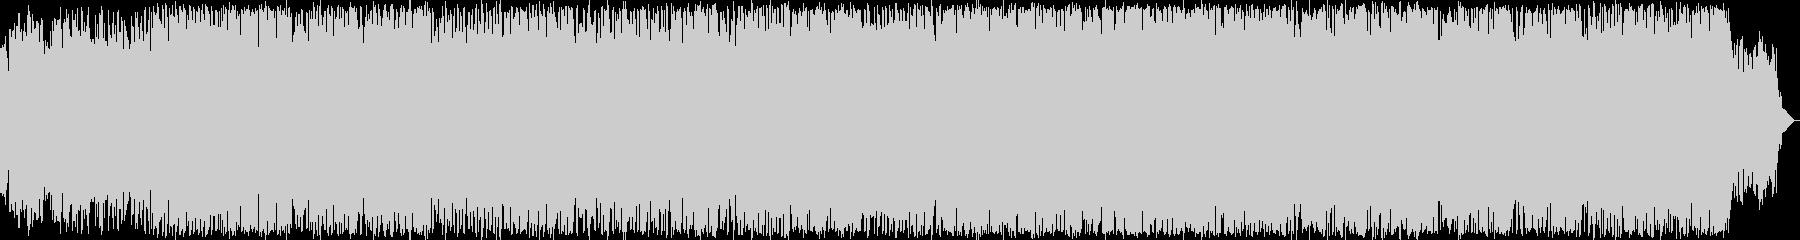 クールなエレクトロニックミュージックの未再生の波形